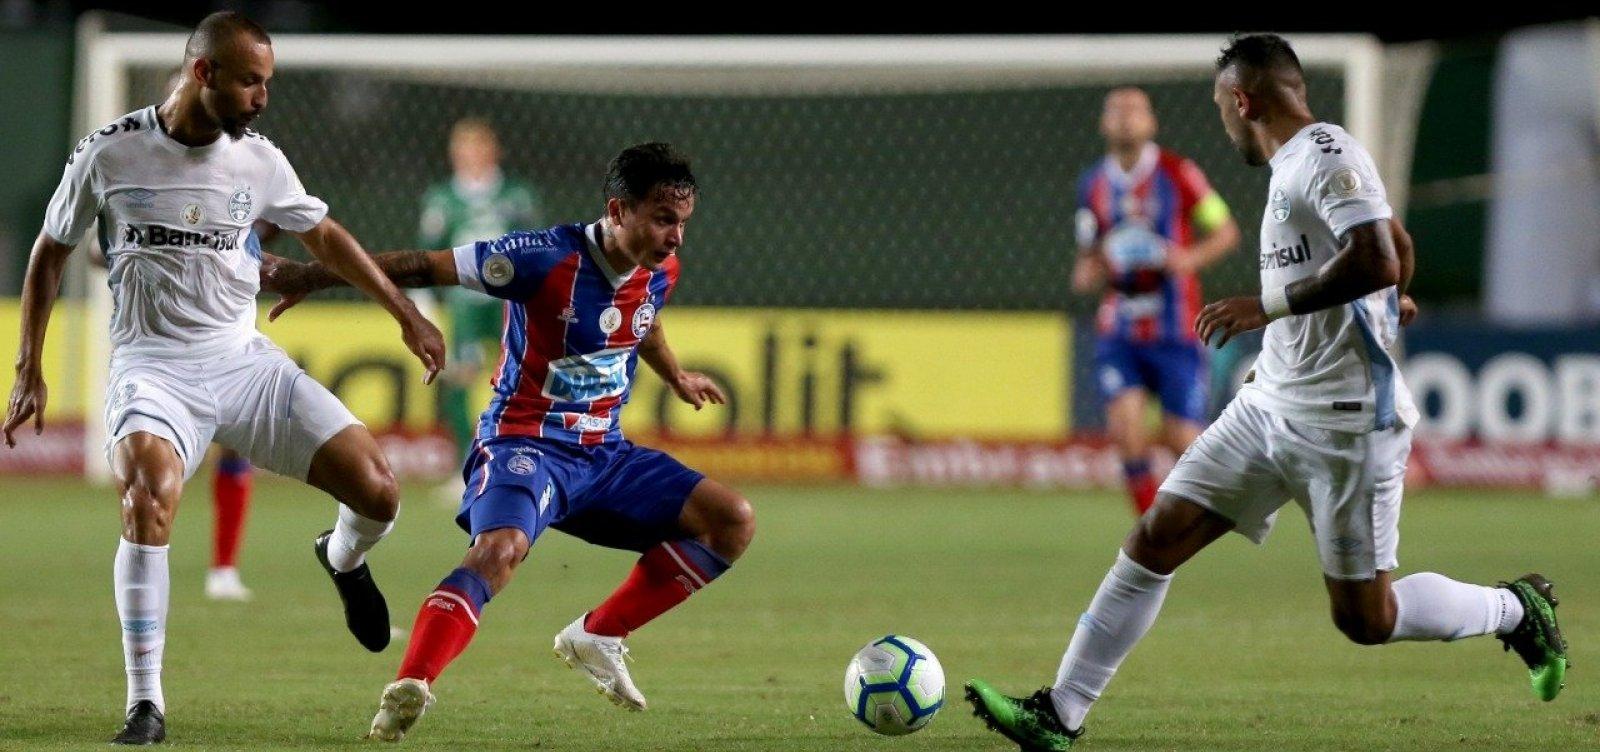 [Bahia vence Grêmio em Pituaçu e entra no G4]